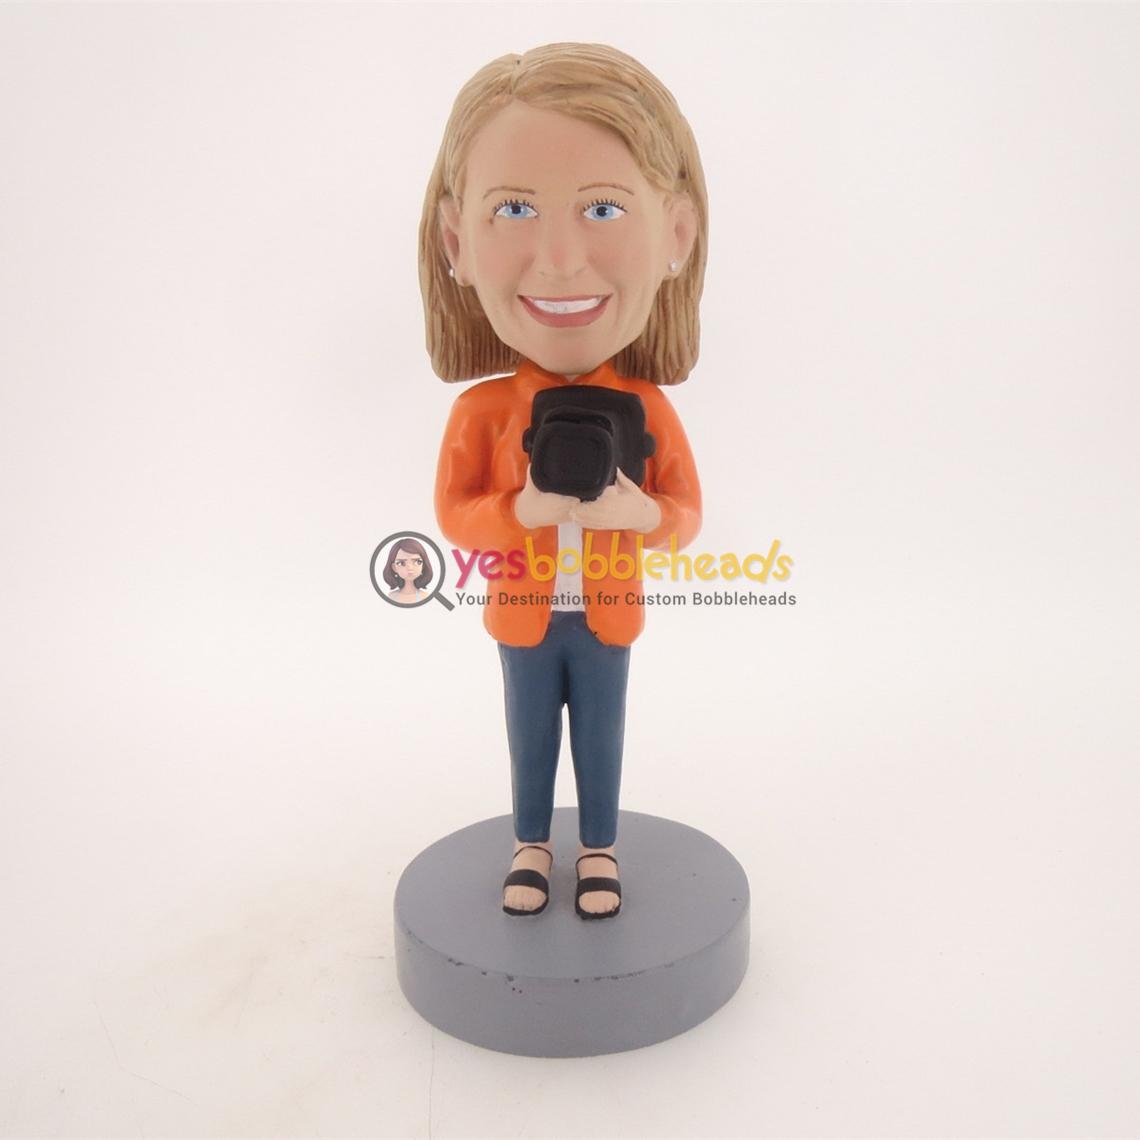 Picture of Custom Bobblehead Doll: Black Hat Girl